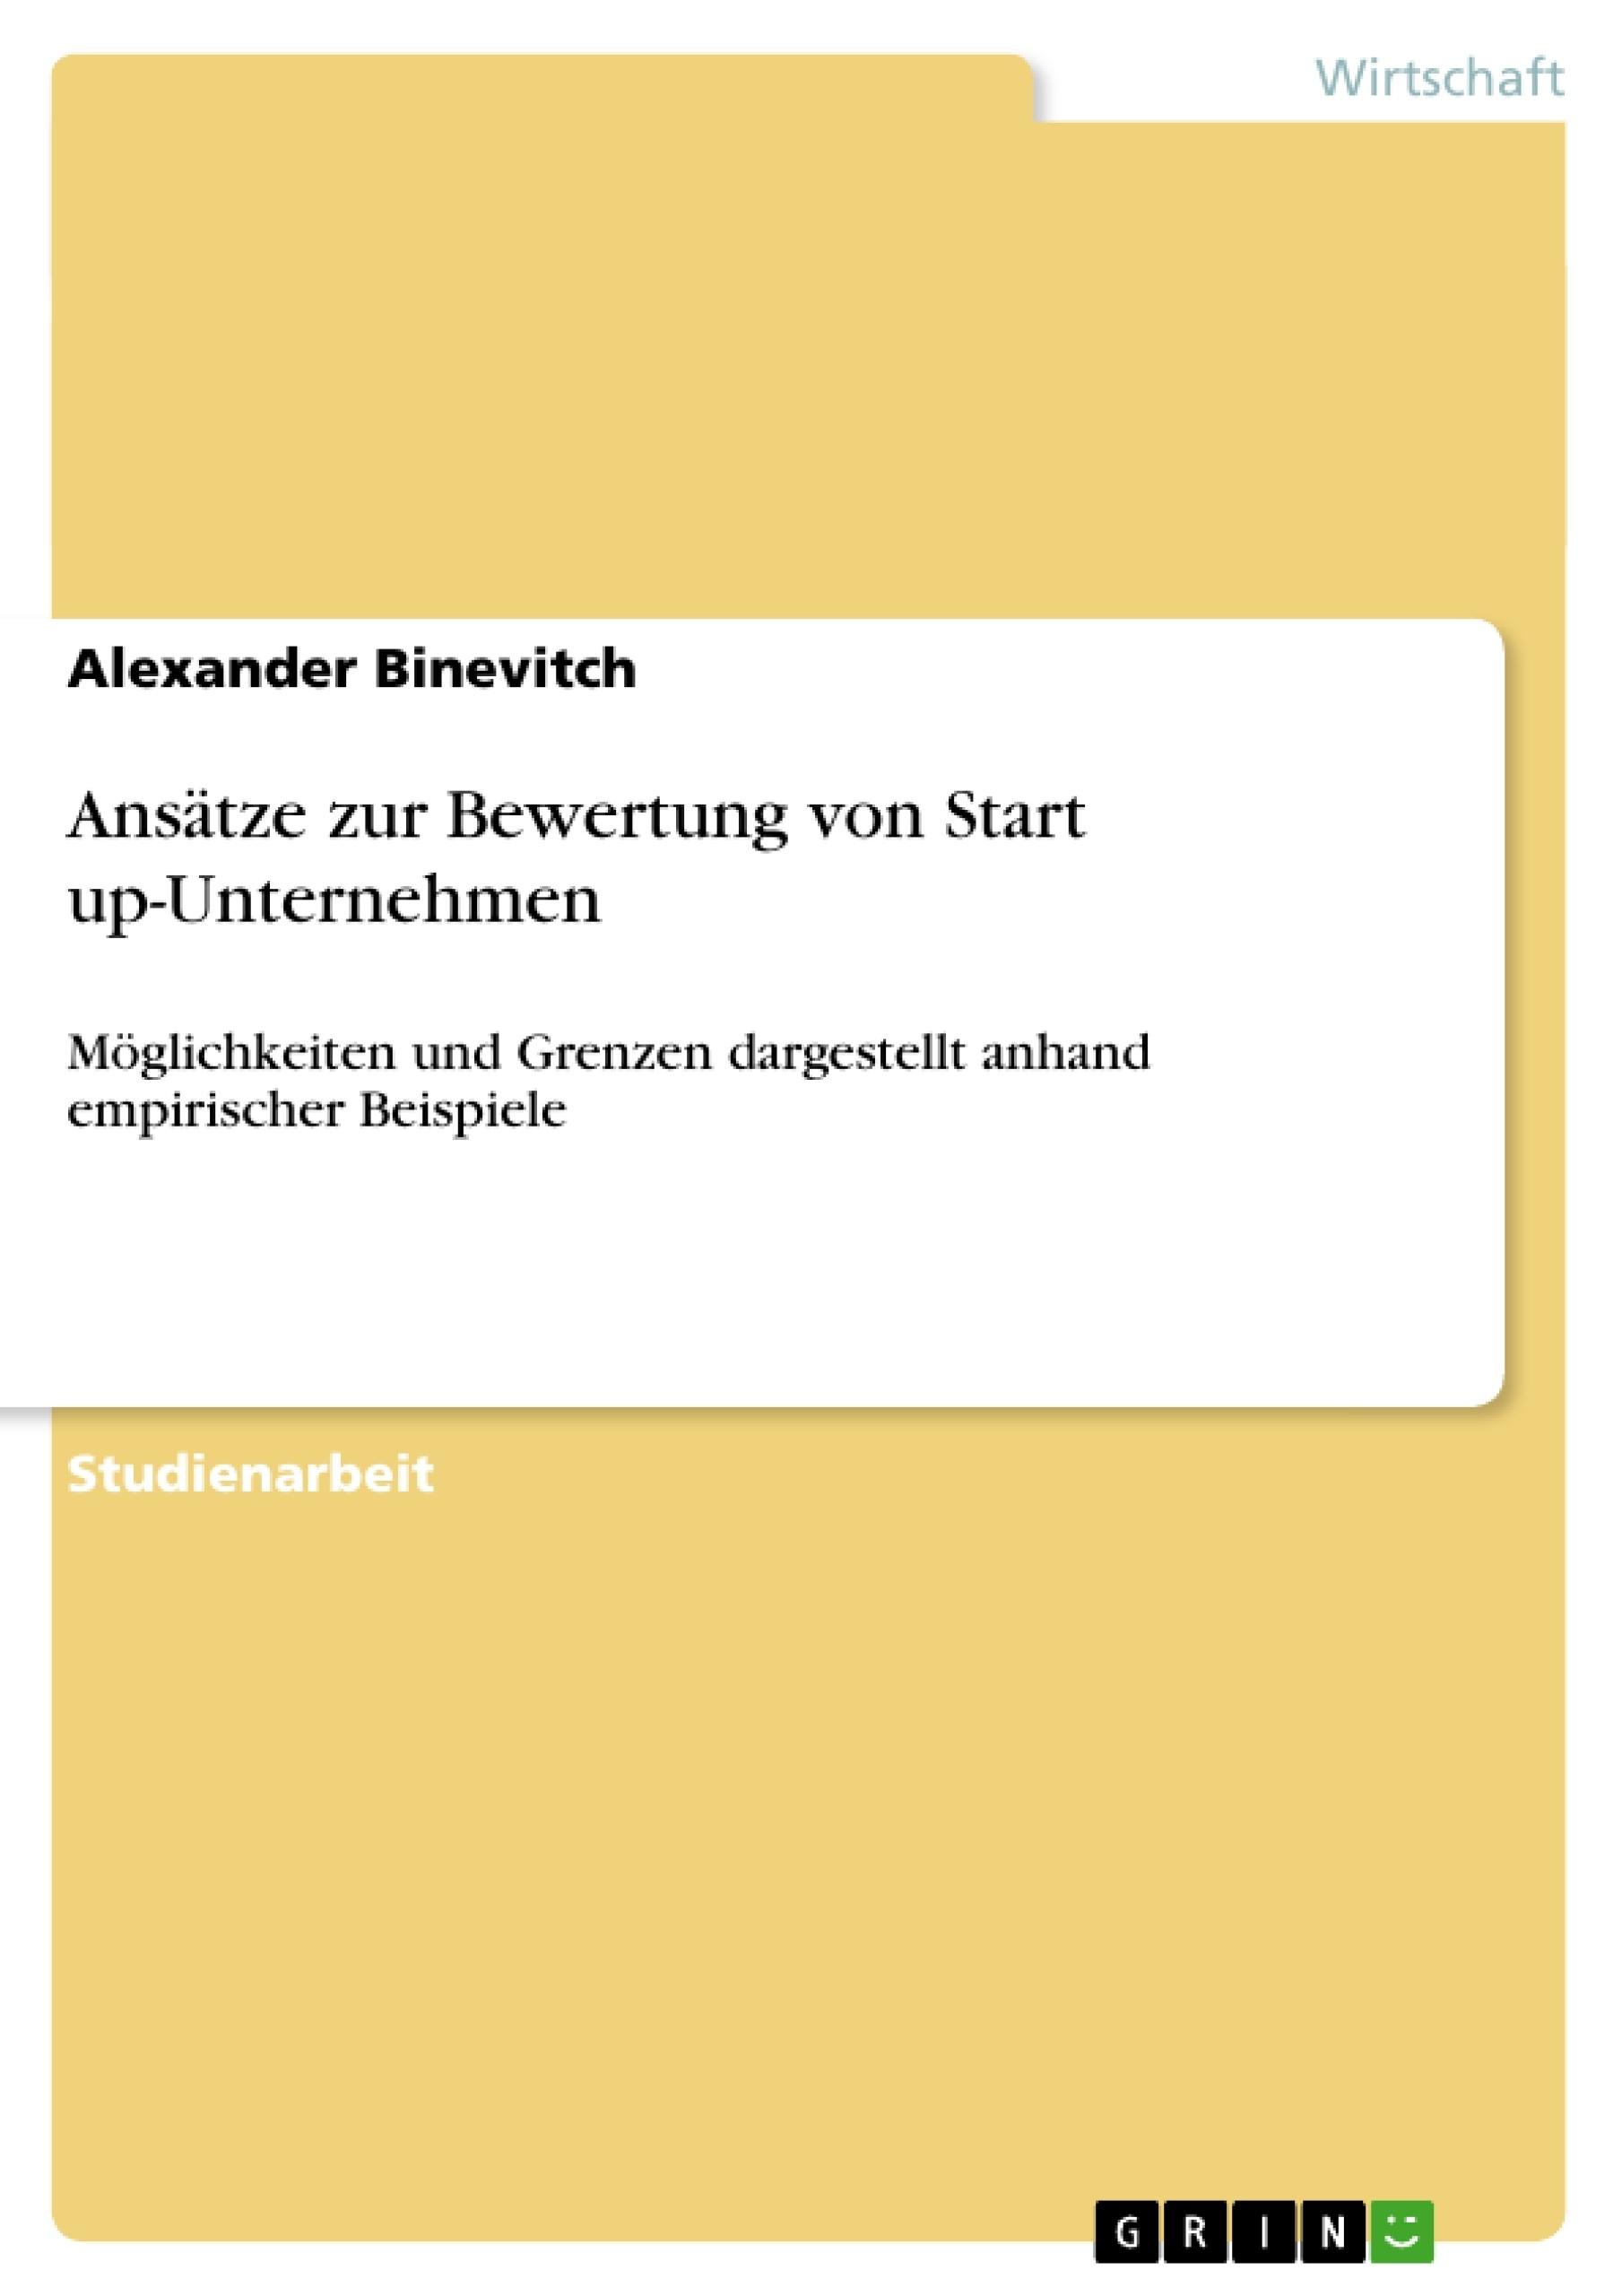 Titel: Ansätze zur Bewertung von Start up-Unternehmen